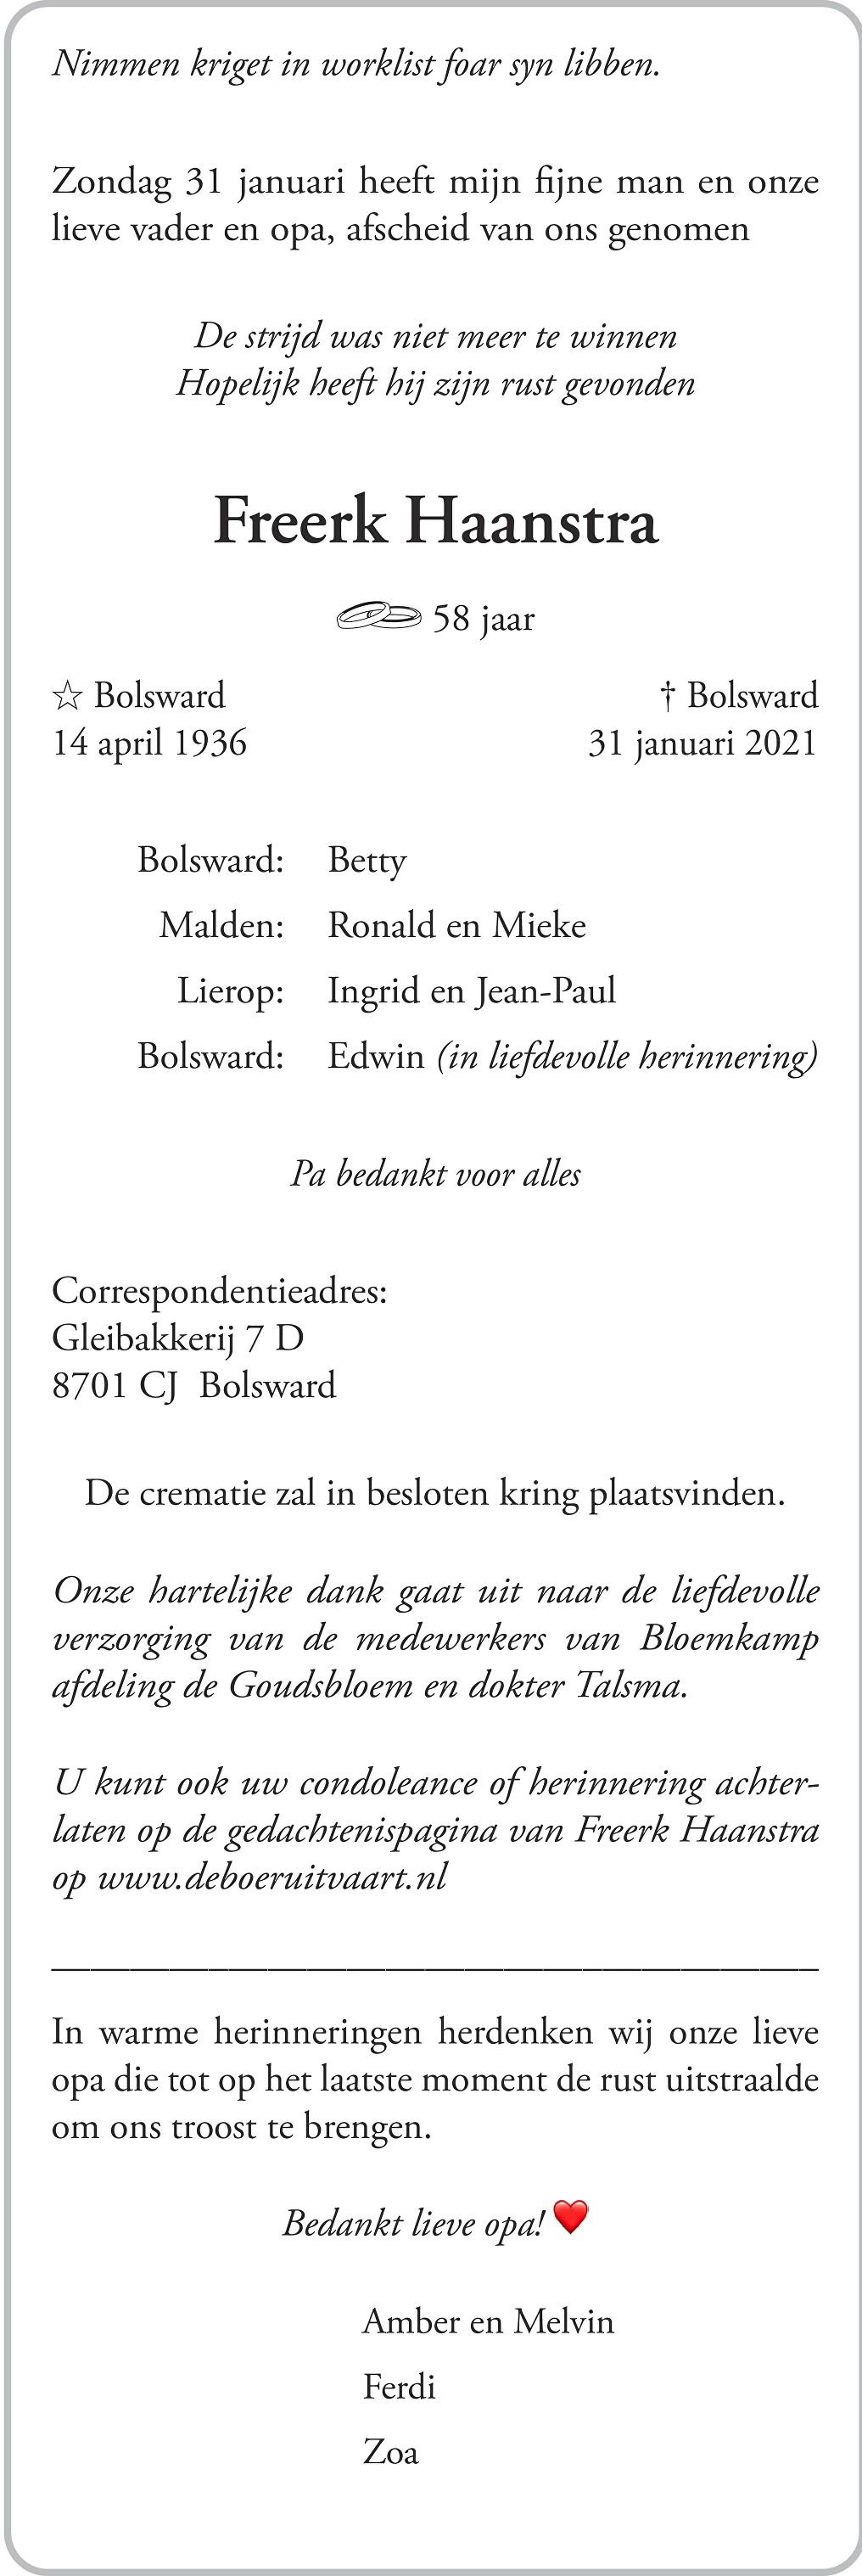 Freerk Haanstra Death notice